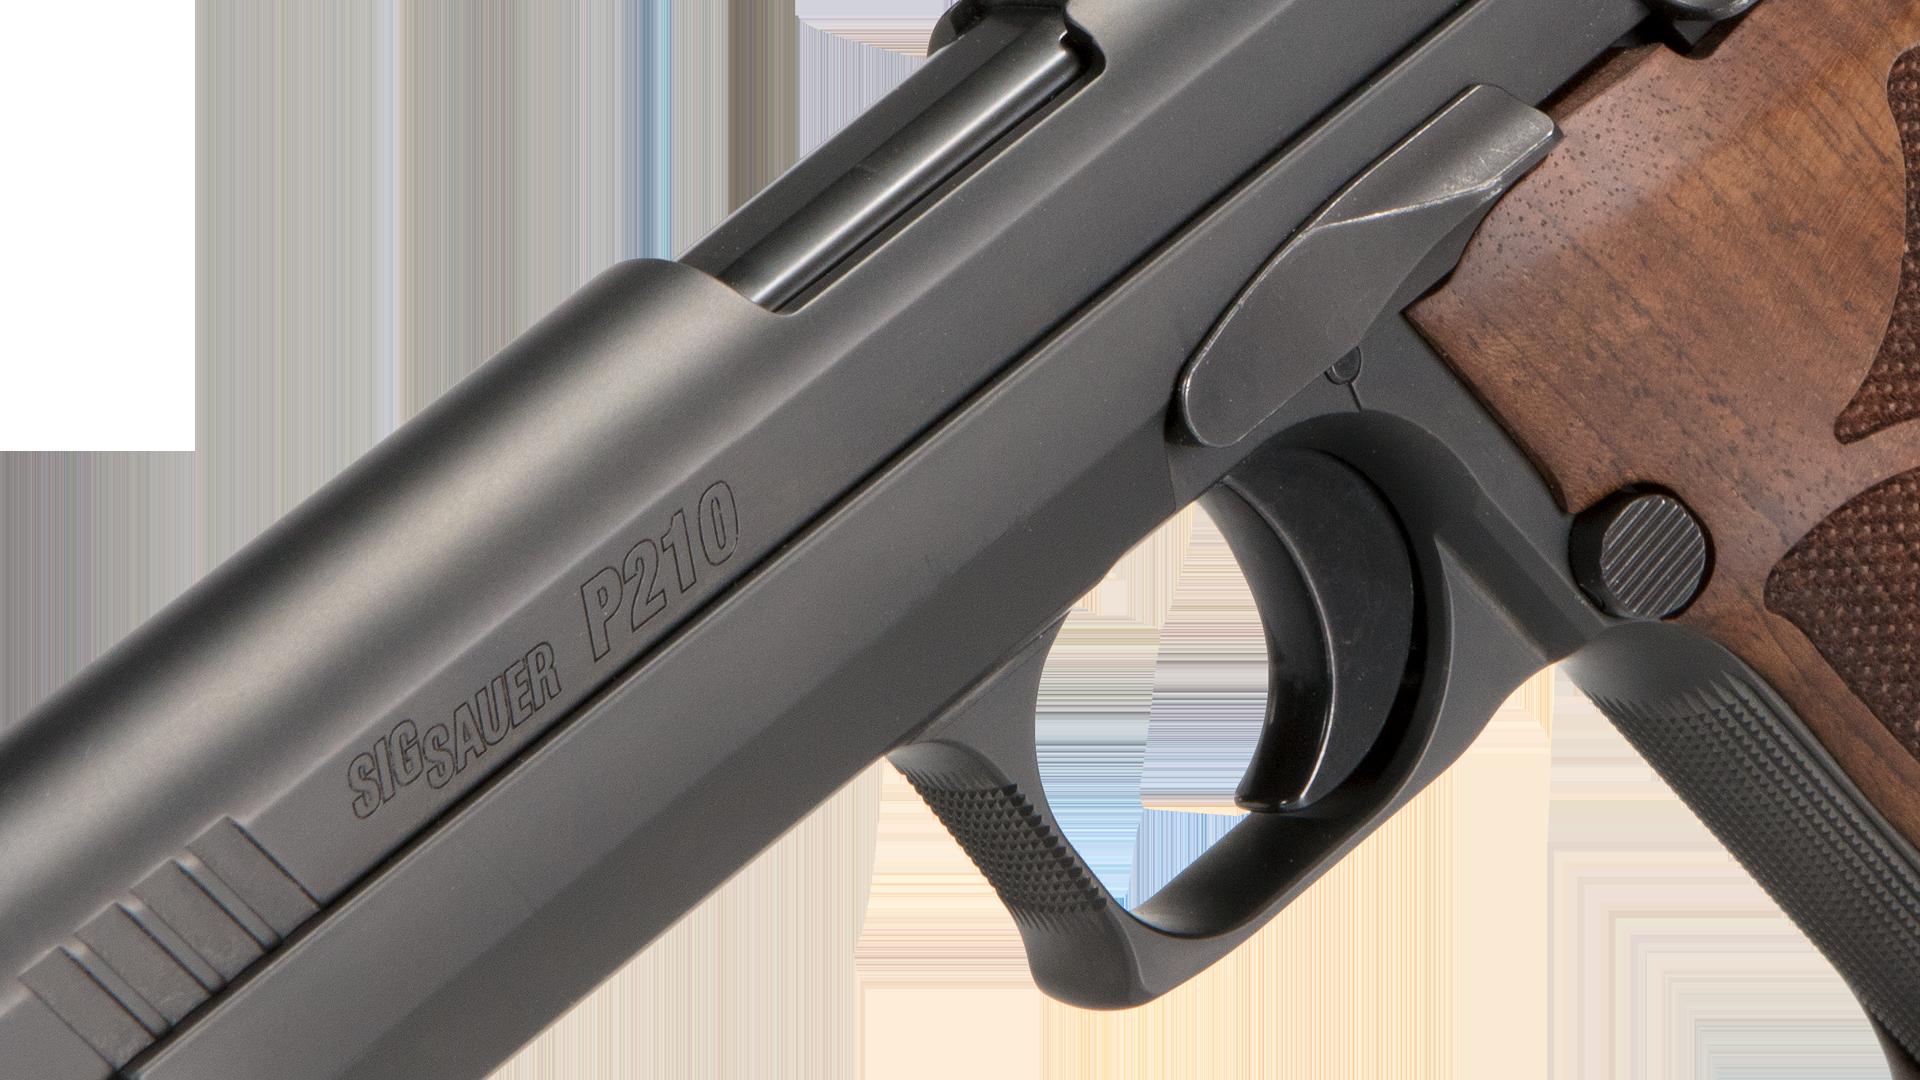 P210 Target Best Pistol For Target Shooting Luger 9mm Sig Sauer